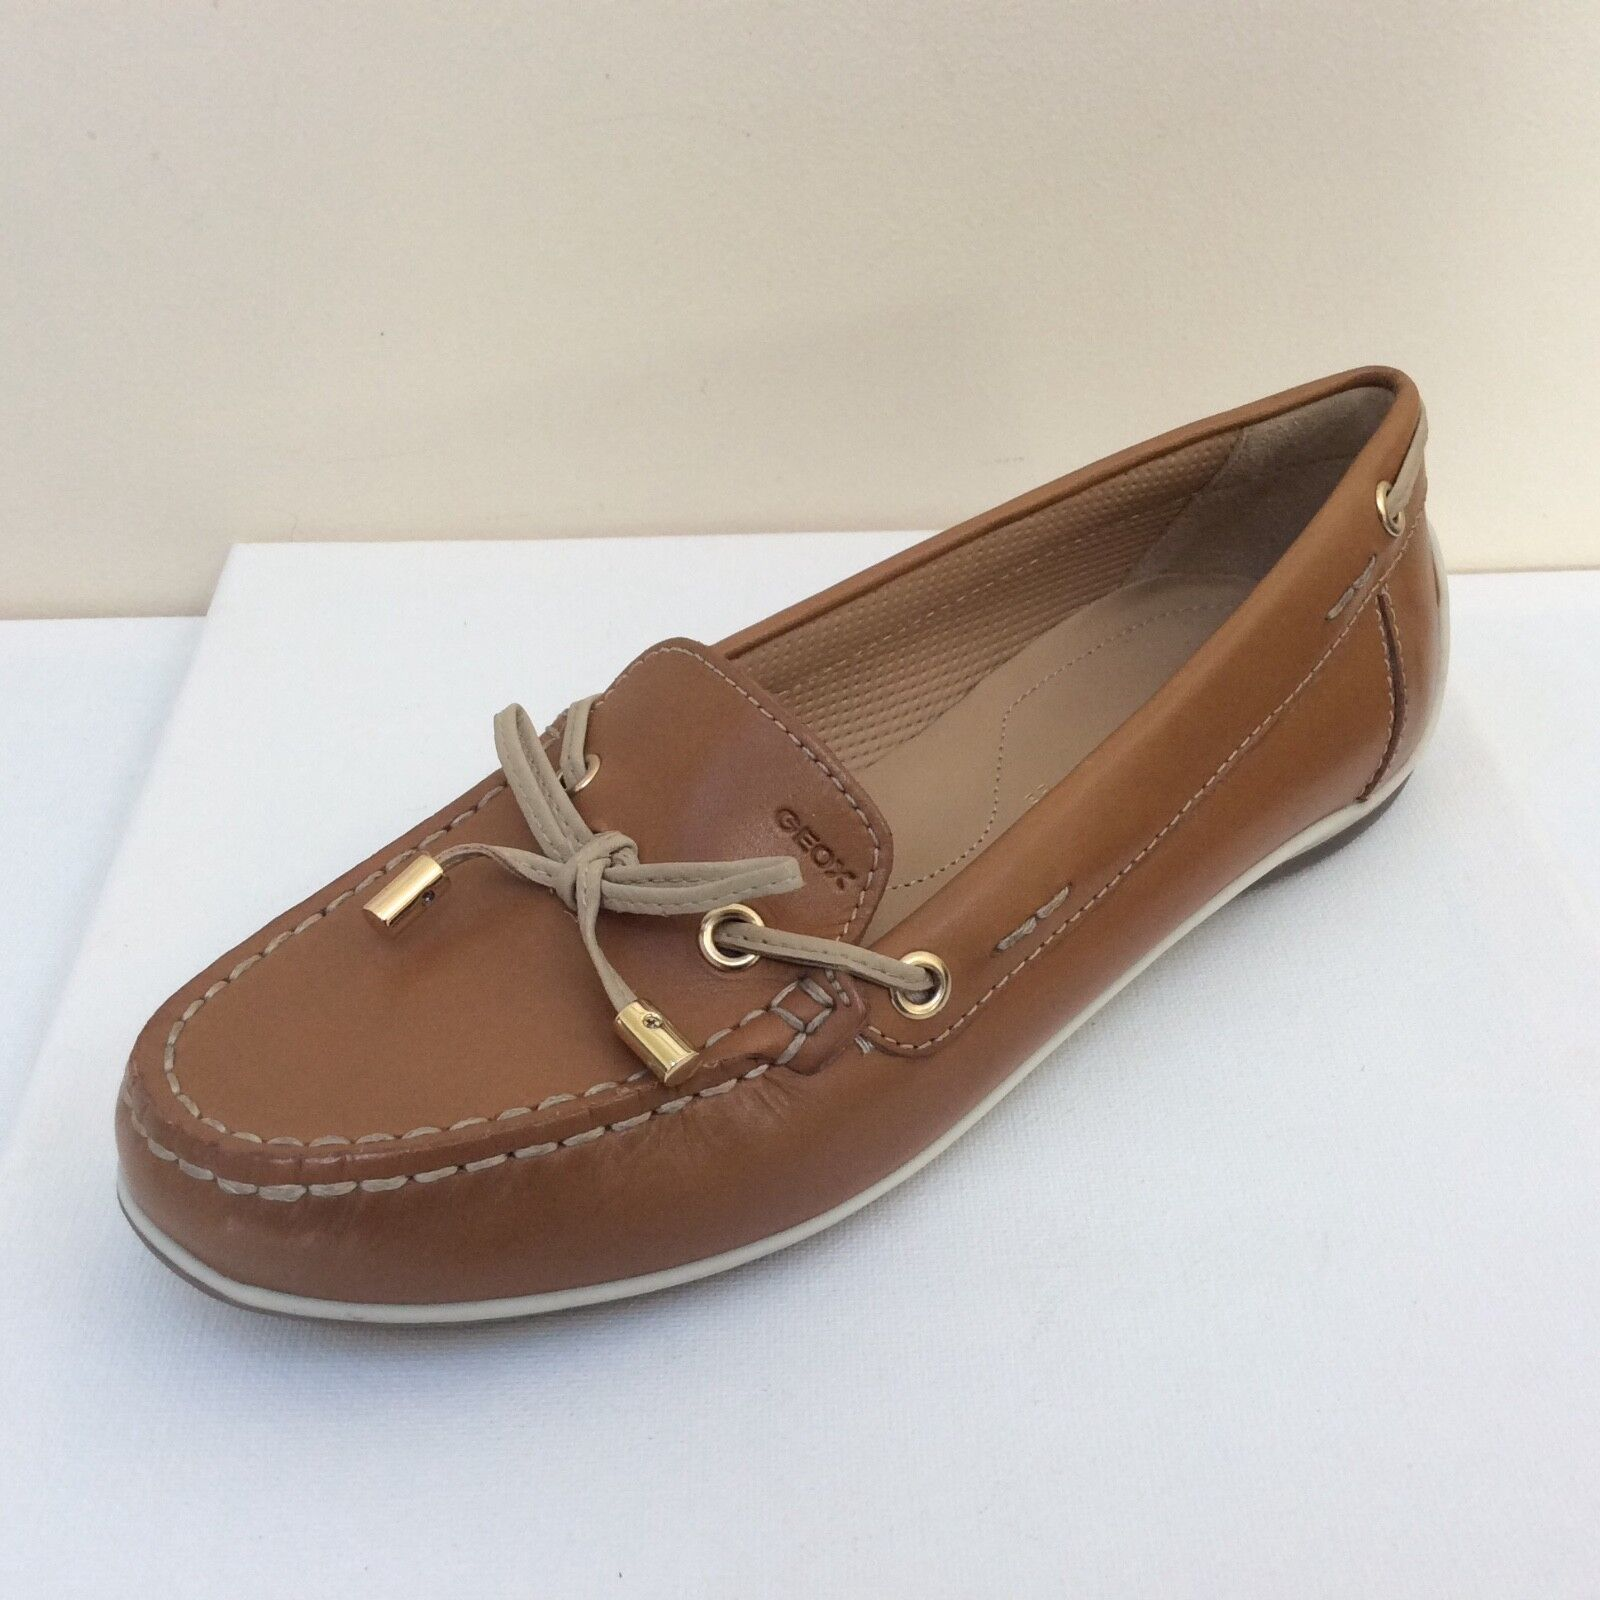 Geox Yuki 37, tan leather loafers, UK 4/EU 37, Yuki   BNWB 946b4b